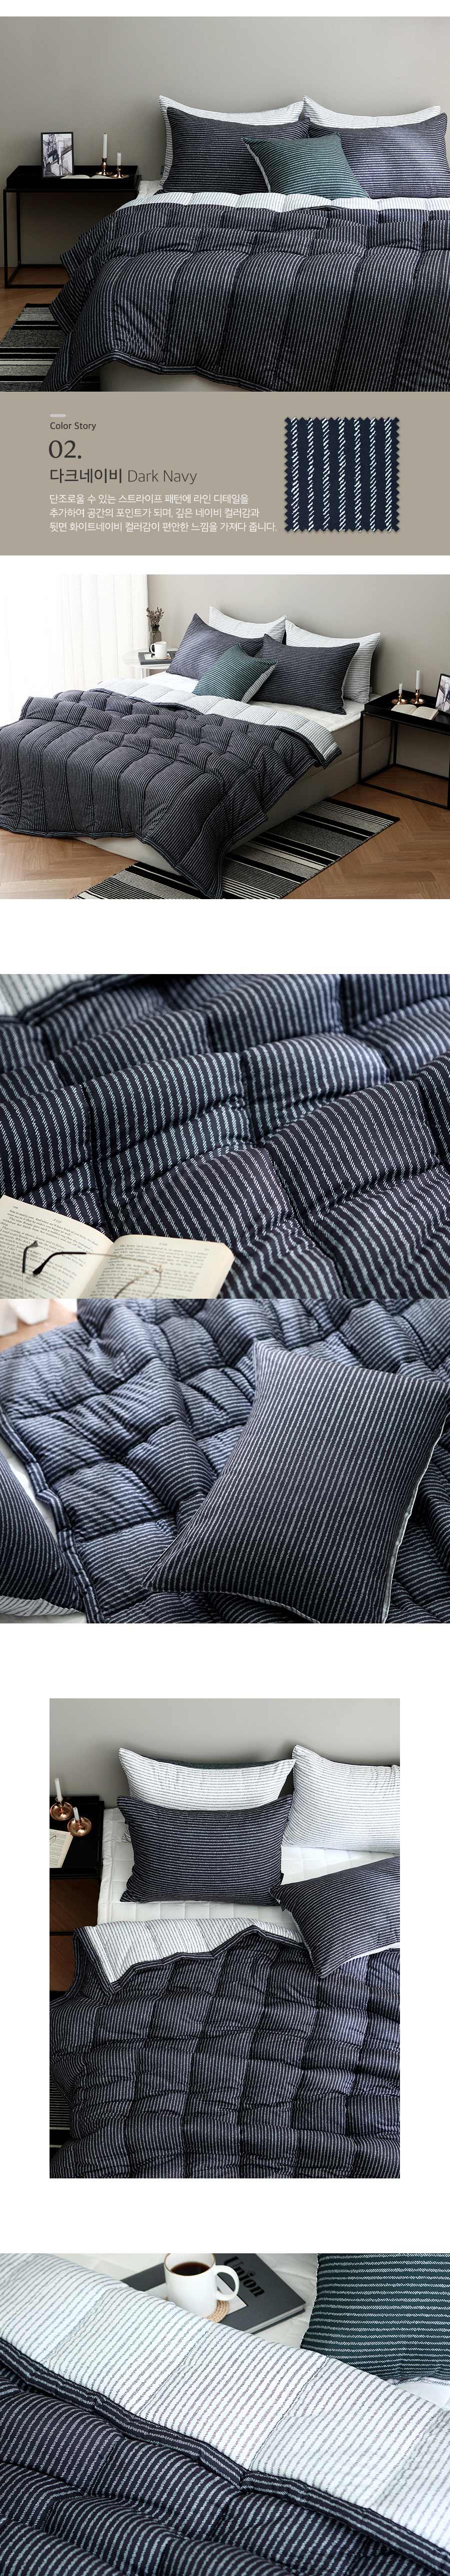 Bộ đồ giường Newborn Comforter Cover Set